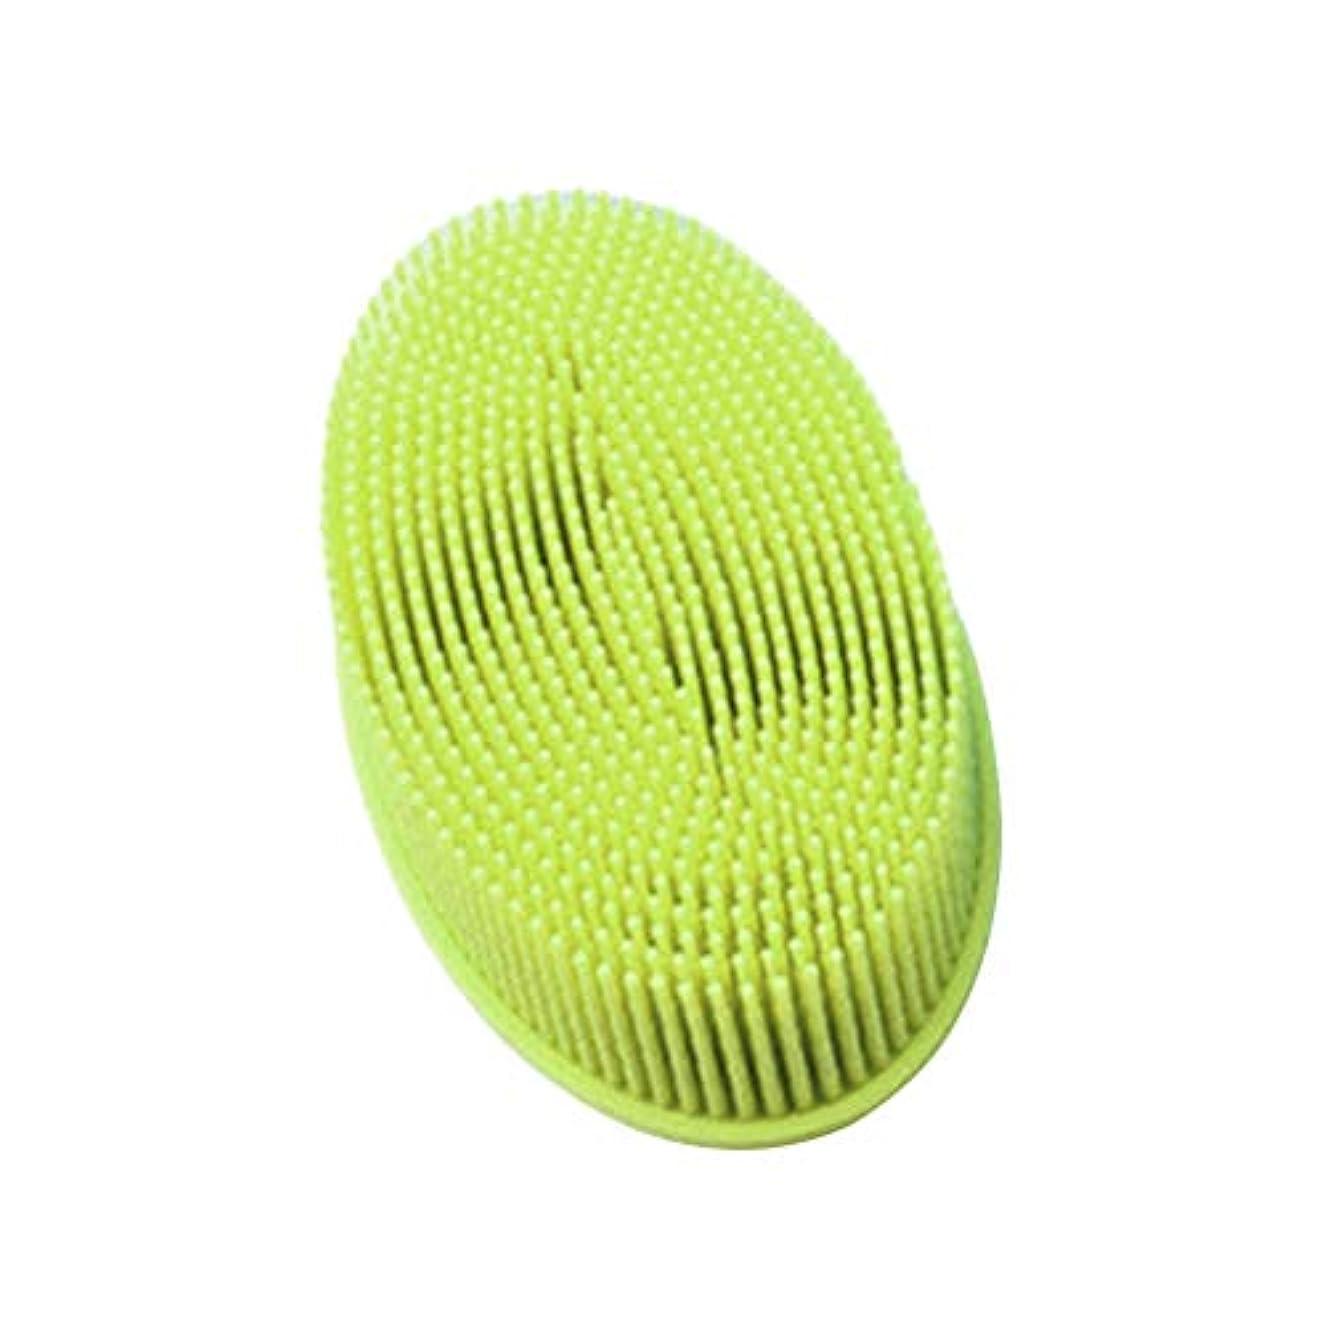 潜む重荷祖先TOPBATHY シリコンシャワーブラシ 頭皮 洗顔 ボディブラシ お風呂 柔らかい 体洗いブラシ 肌にやさしい 多機能 角質除去 疲れ解消(グリーン)